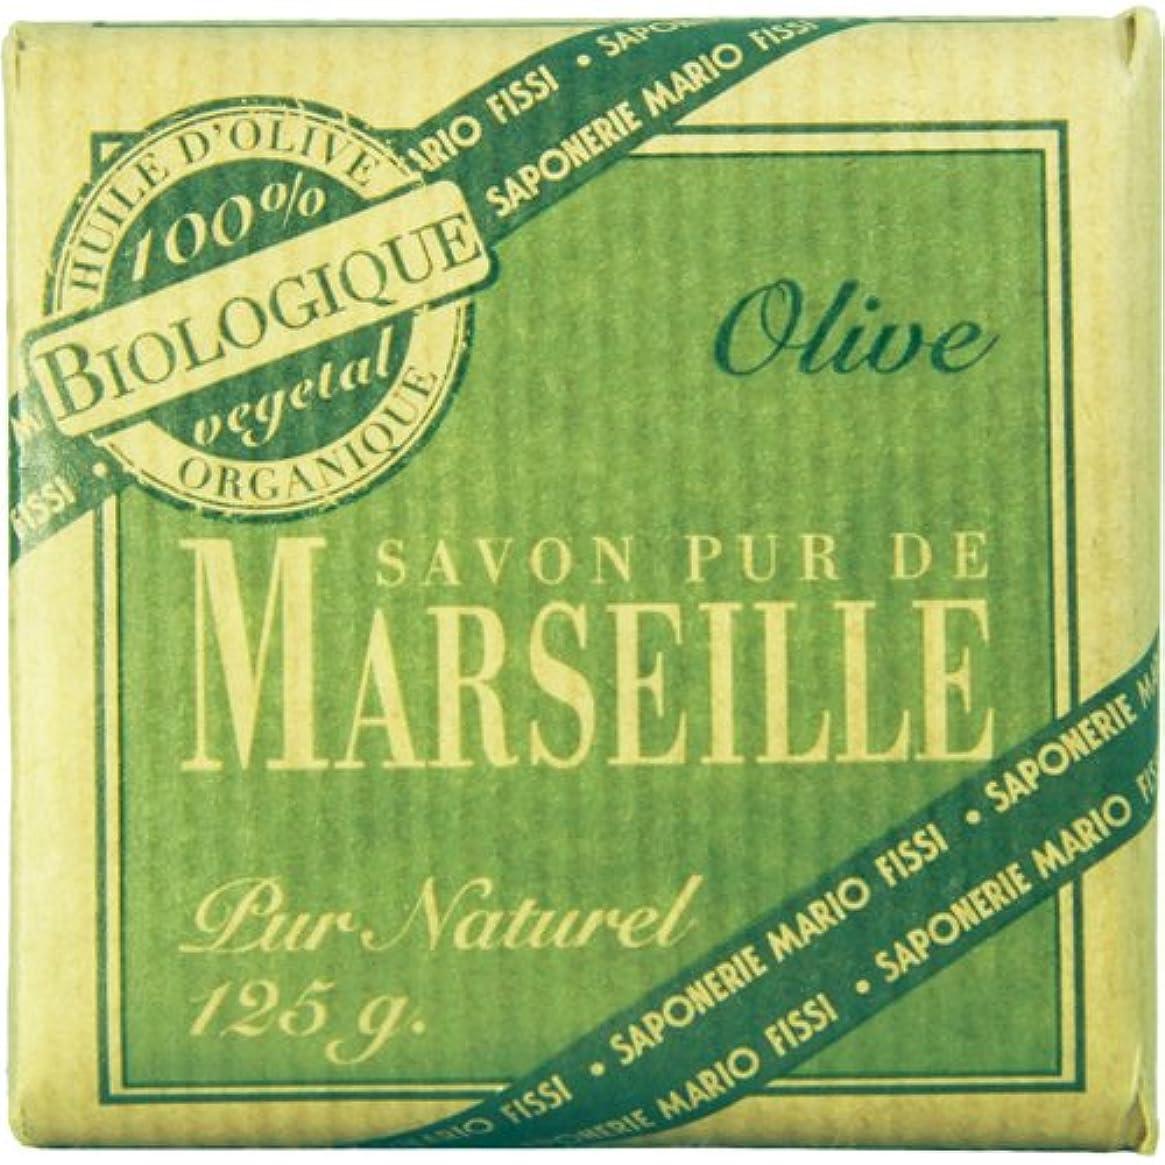 デマンド辛いコインSaponerire Fissi マルセイユシリーズ マルセイユソープ 125g Olive オリーブ